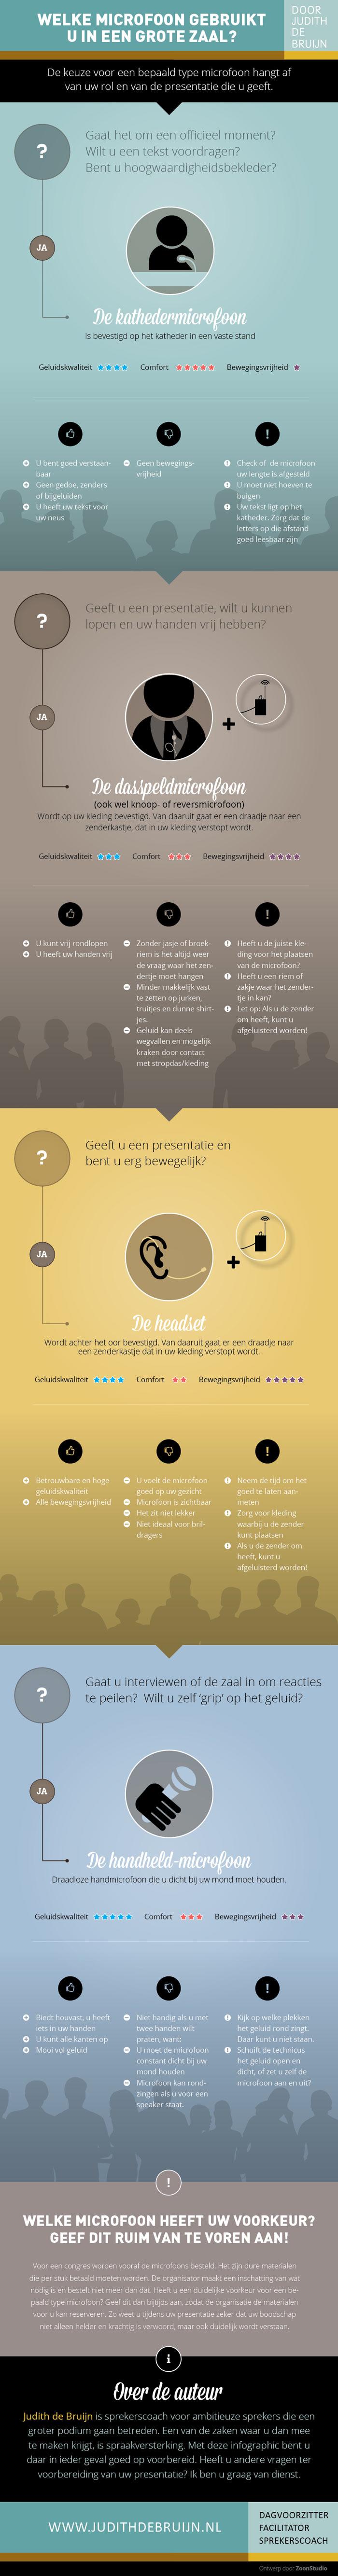 infograpic-JudithdeBruijn-DEF-web